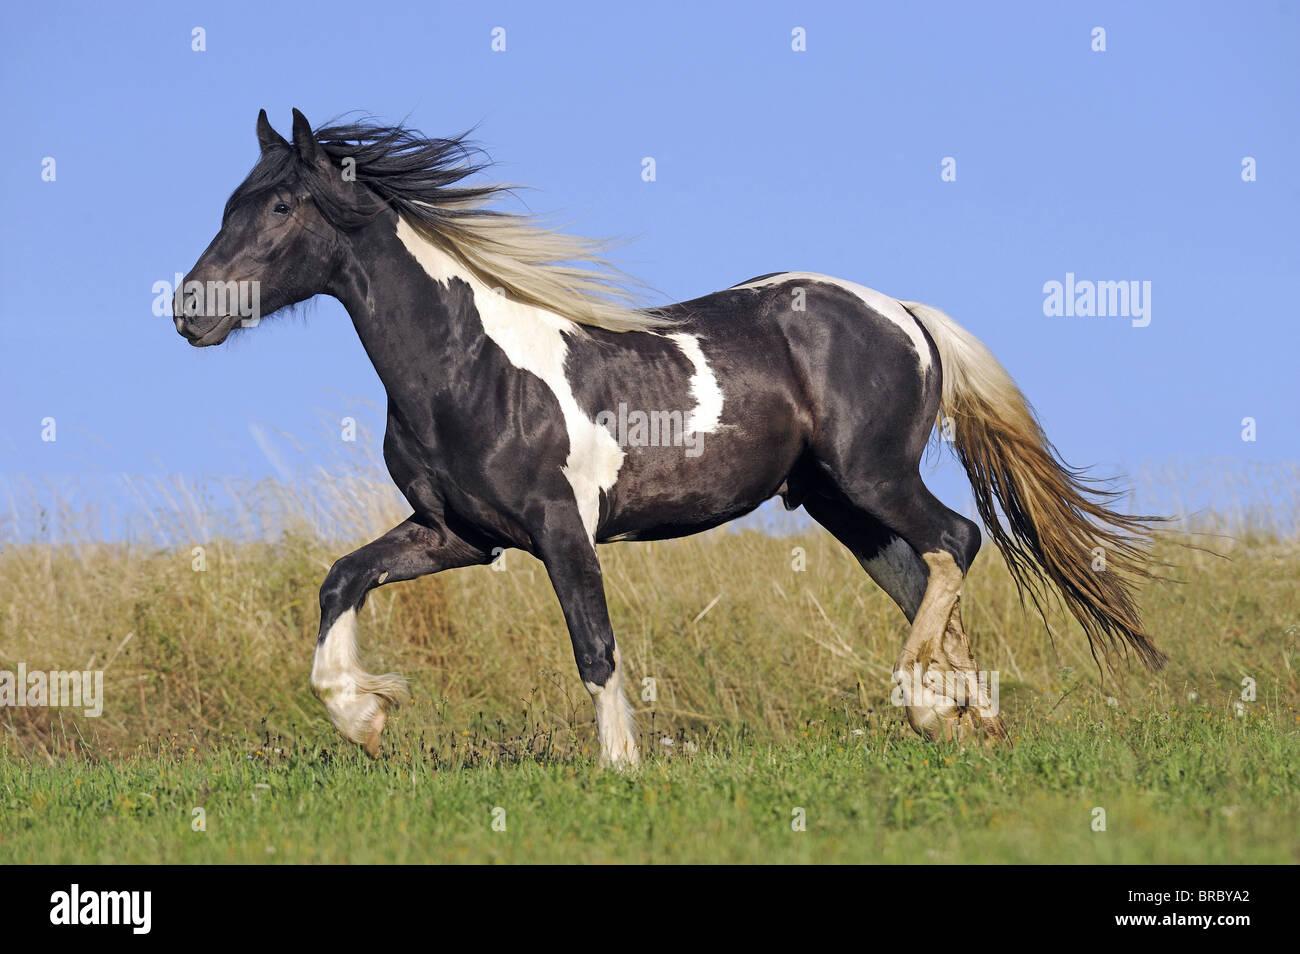 Gypsy Vanner le Cheval (Equus ferus caballus), jeune étalon trottant sur un pré. Photo Stock